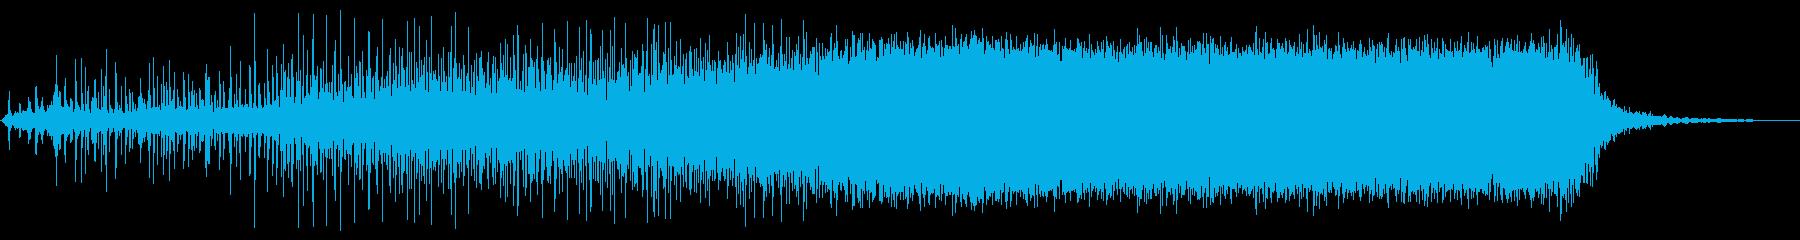 エアレンチ空気圧、回転中速、開始、...の再生済みの波形